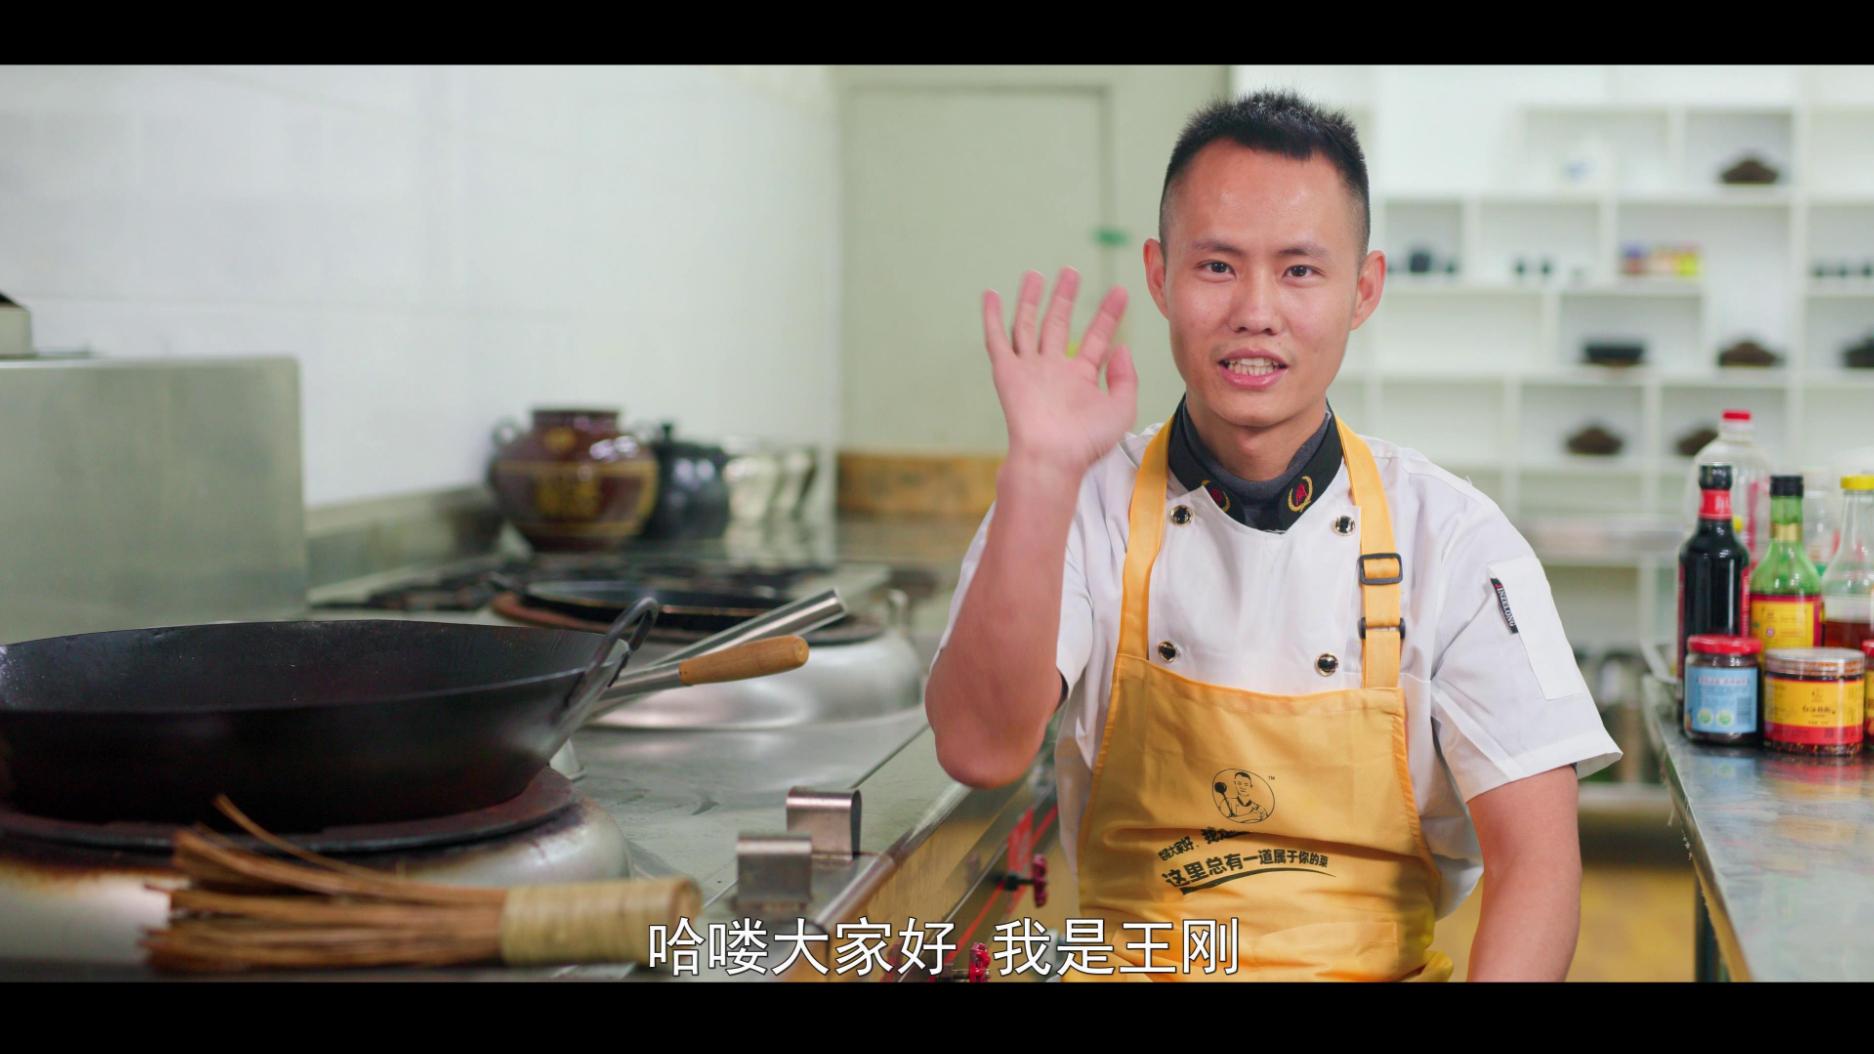 """美食作家王刚:""""对传统餐饮行业兴衰的个人见解""""以及团队未来"""